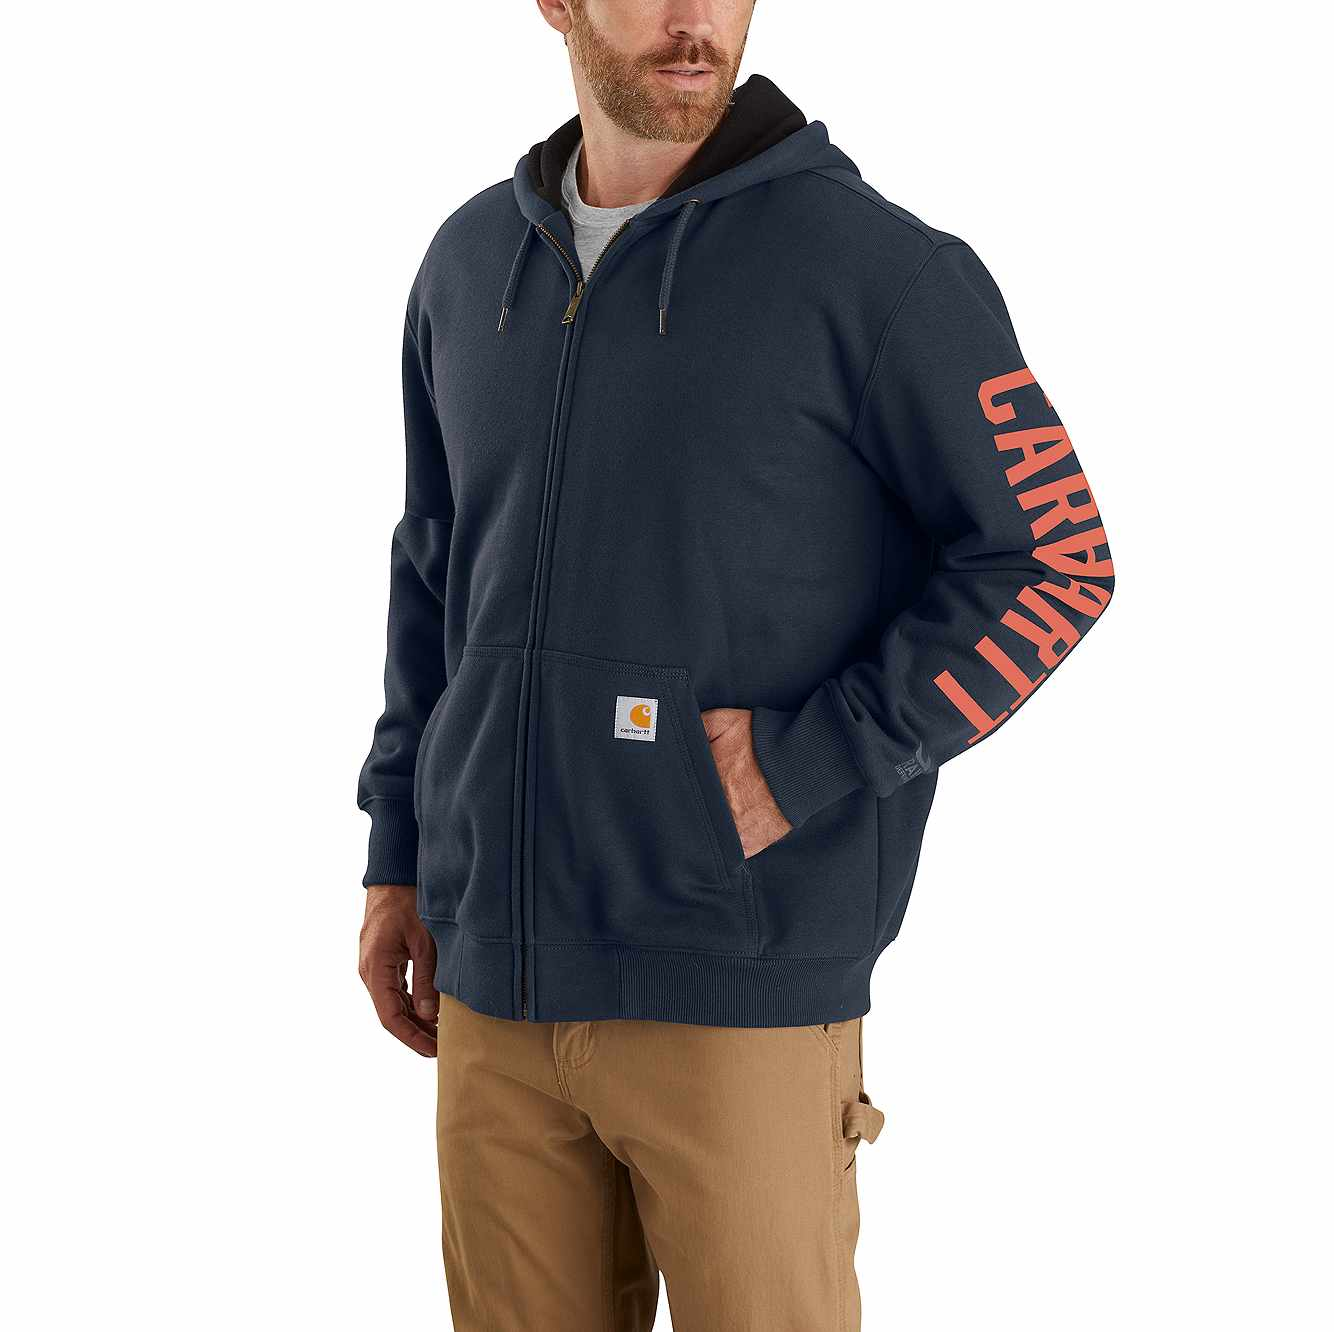 Picture of Rain Defender Original Fit Fleece Lined Logo Graphic Sweatshirt in New Navy